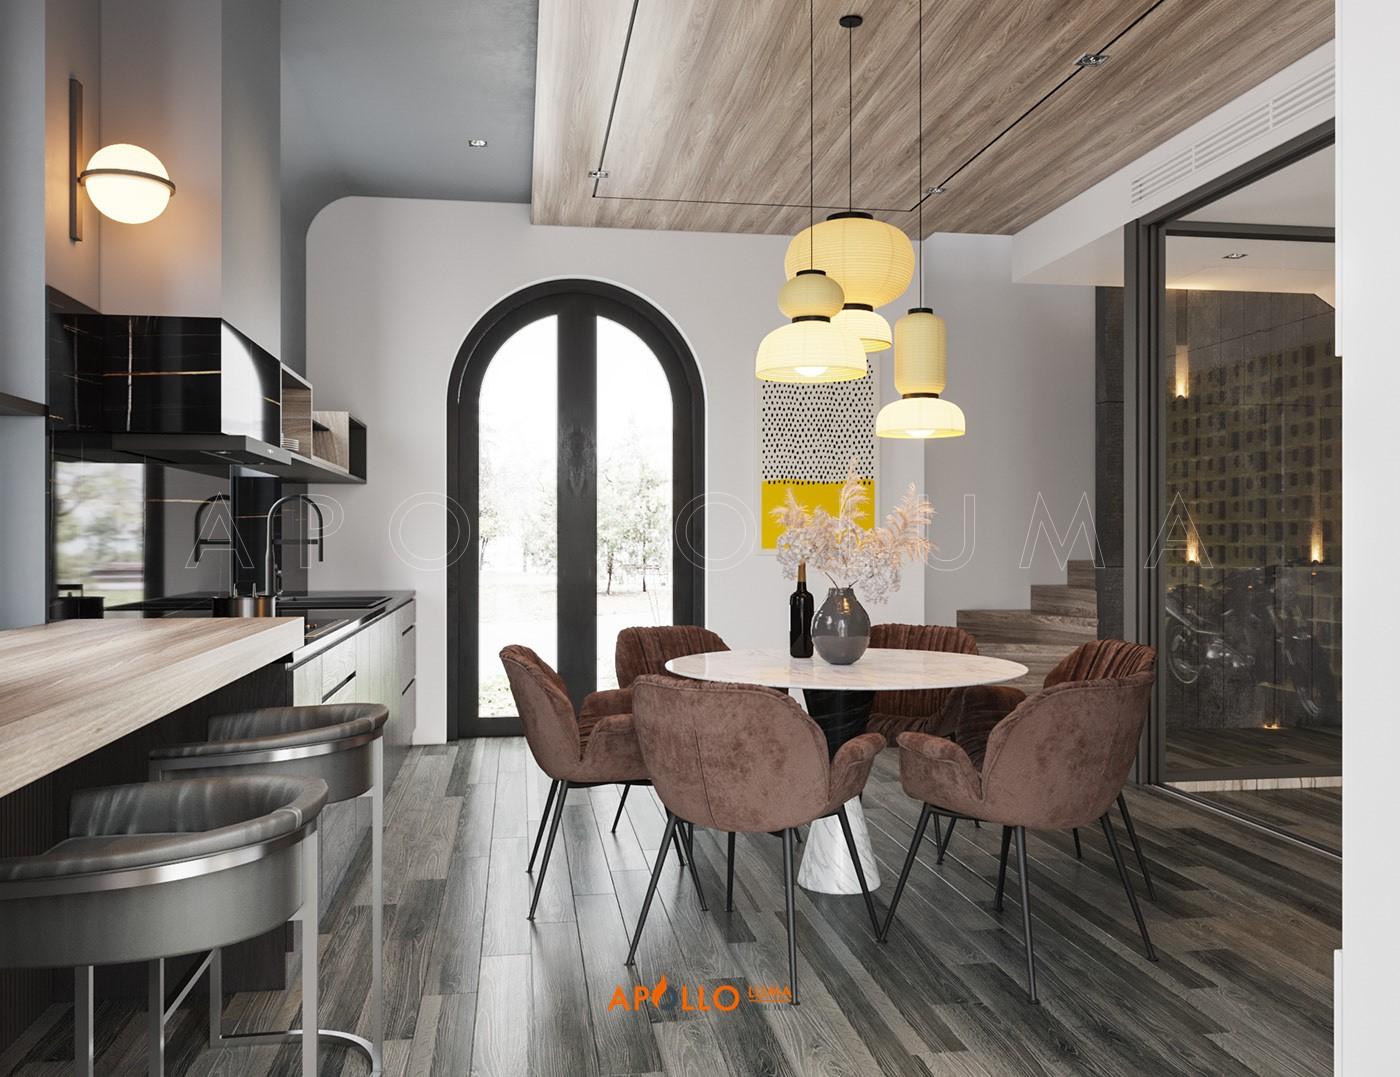 Thiết kế phòng bếp biệt thự Vinhomes Ocean Park - Phân khu Sao Biển